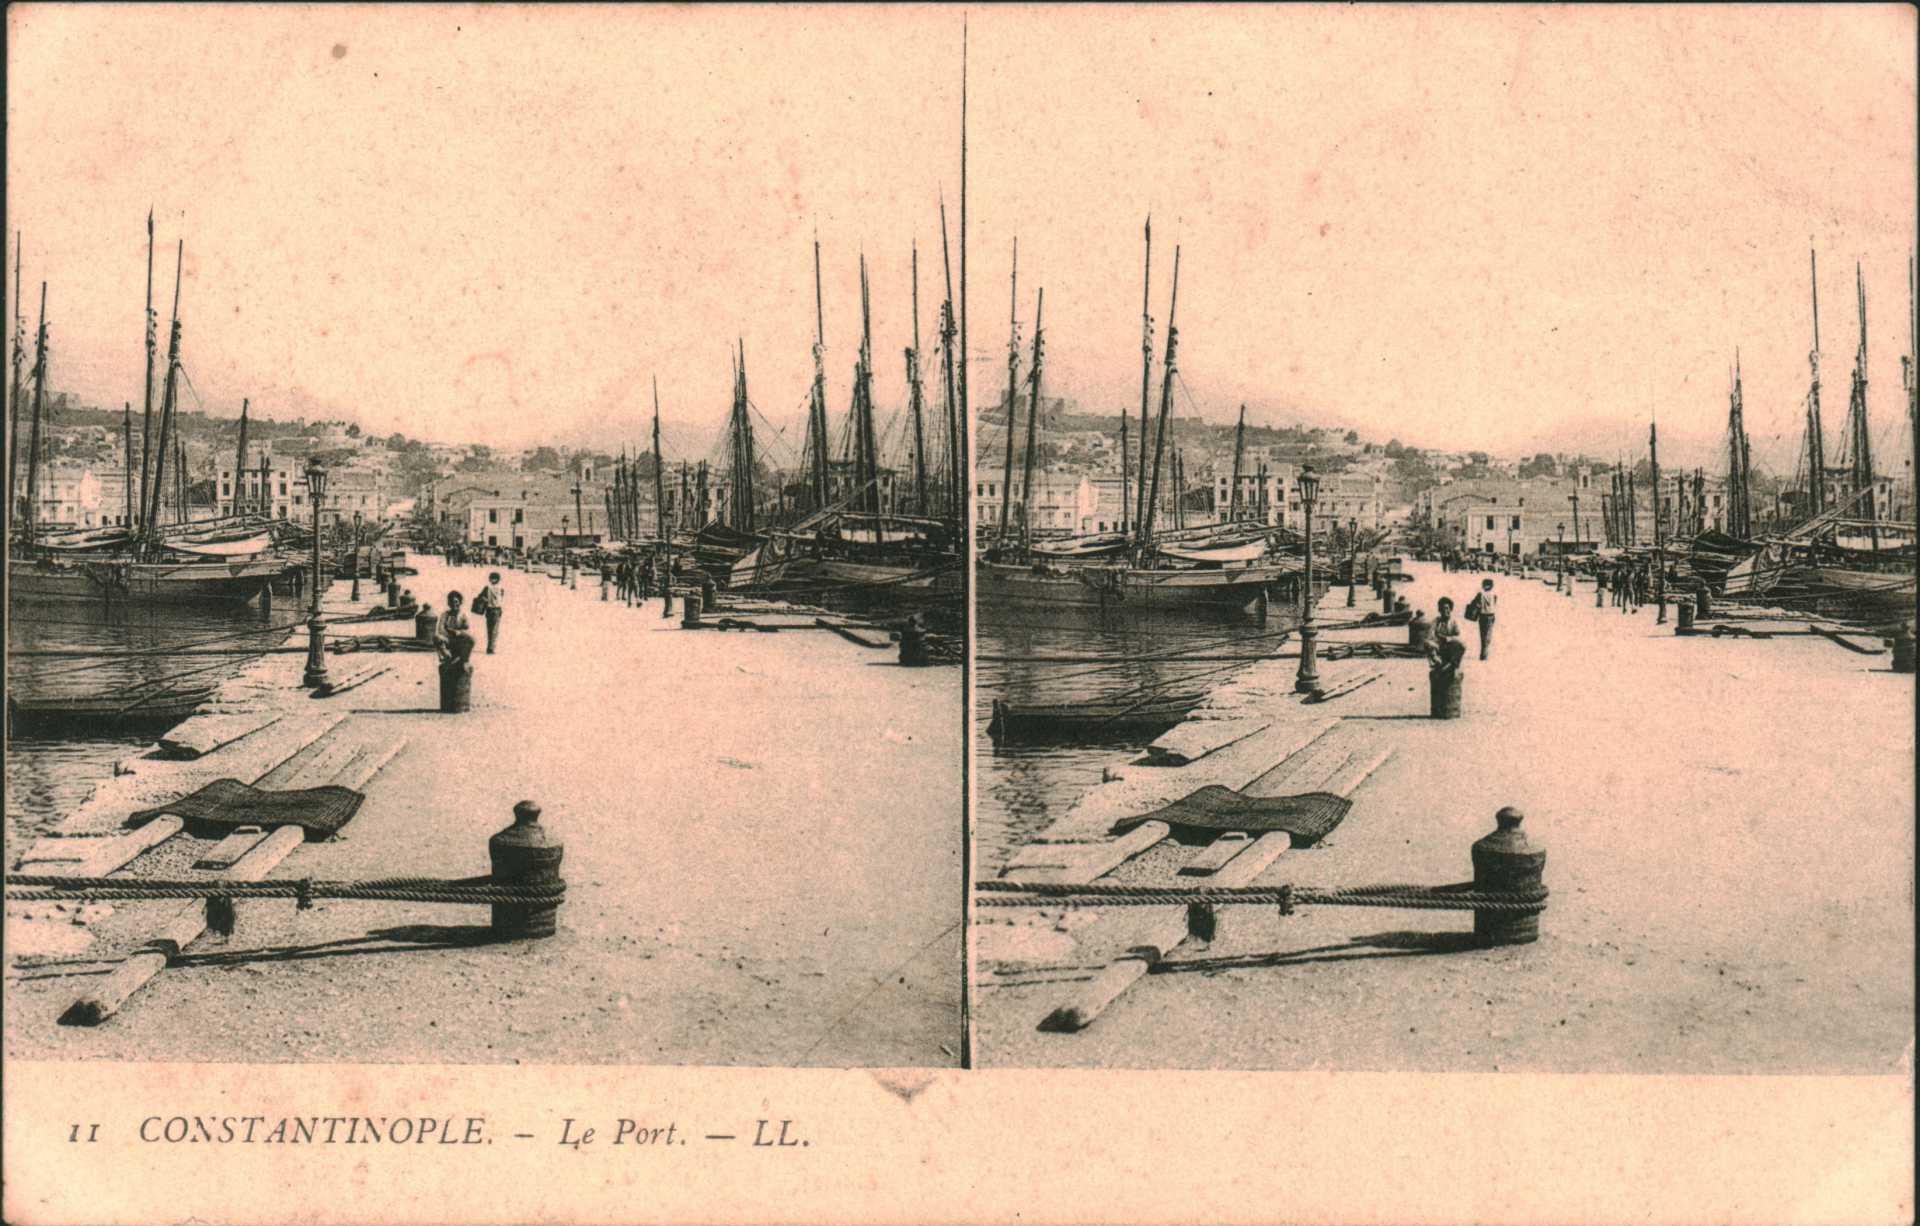 ll Constantinople – Le Port – LL